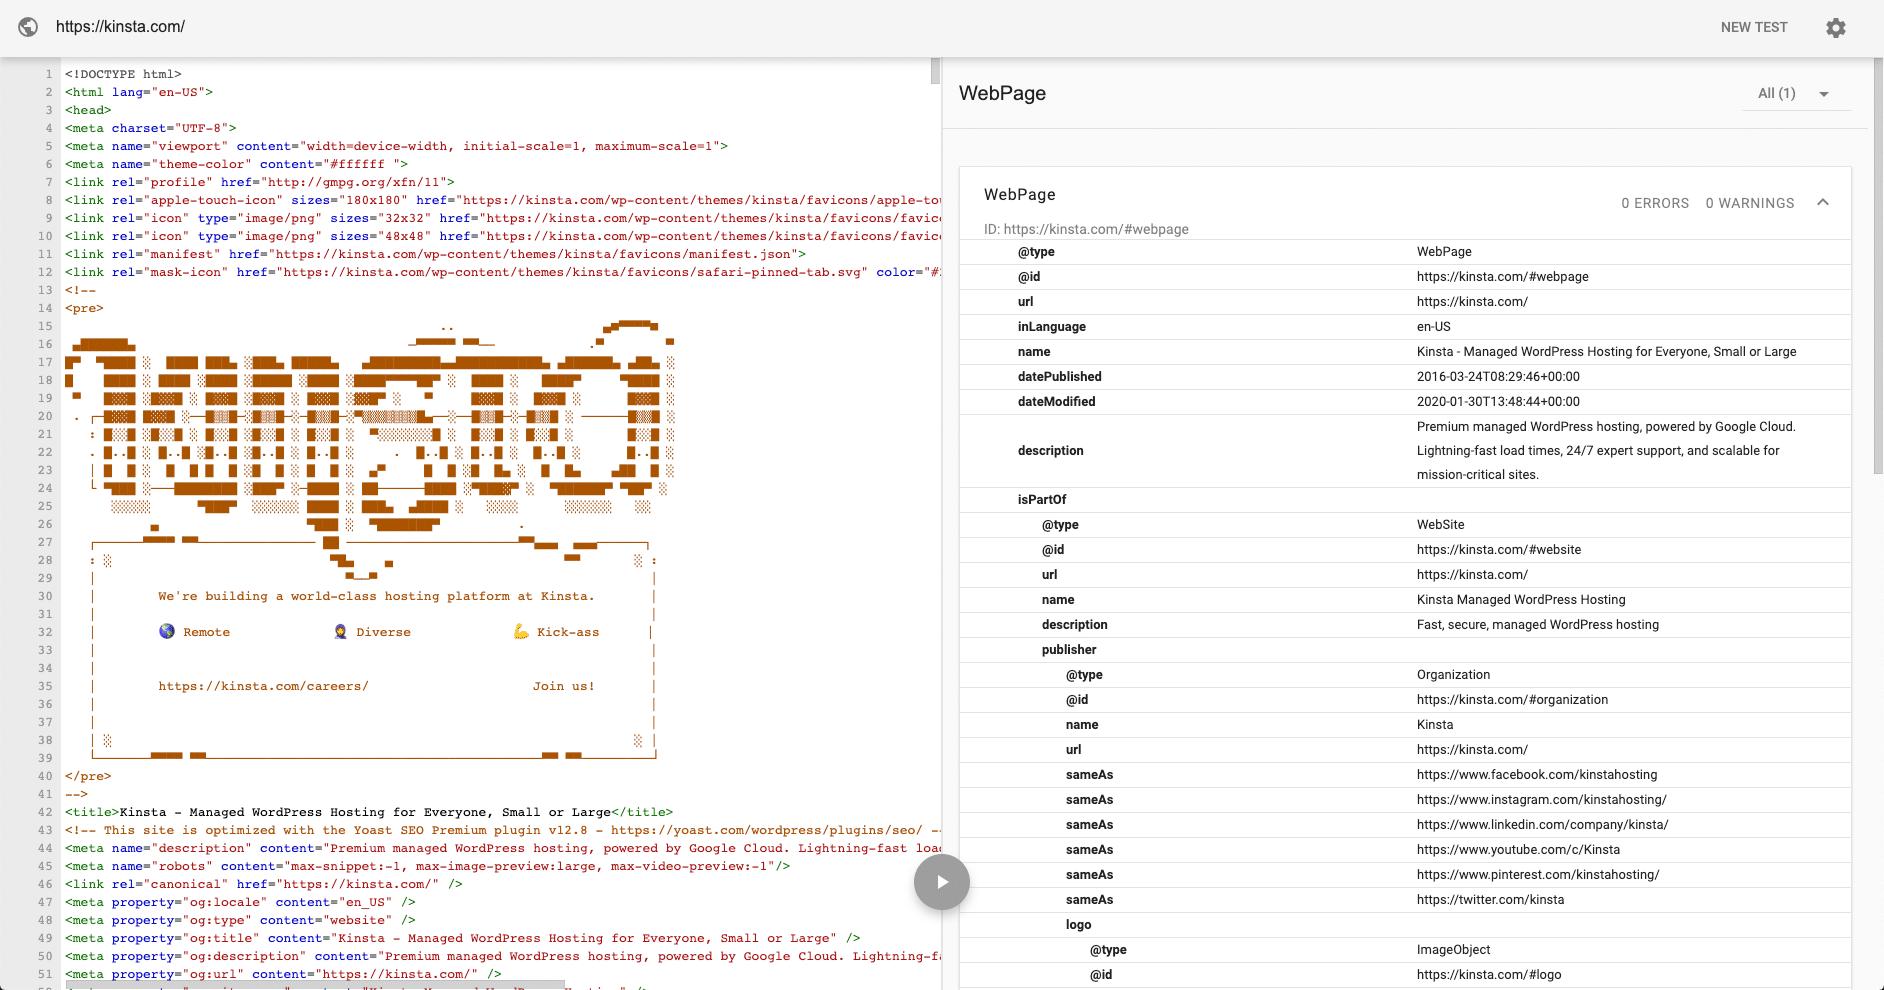 Test des données structurées de Kinsta